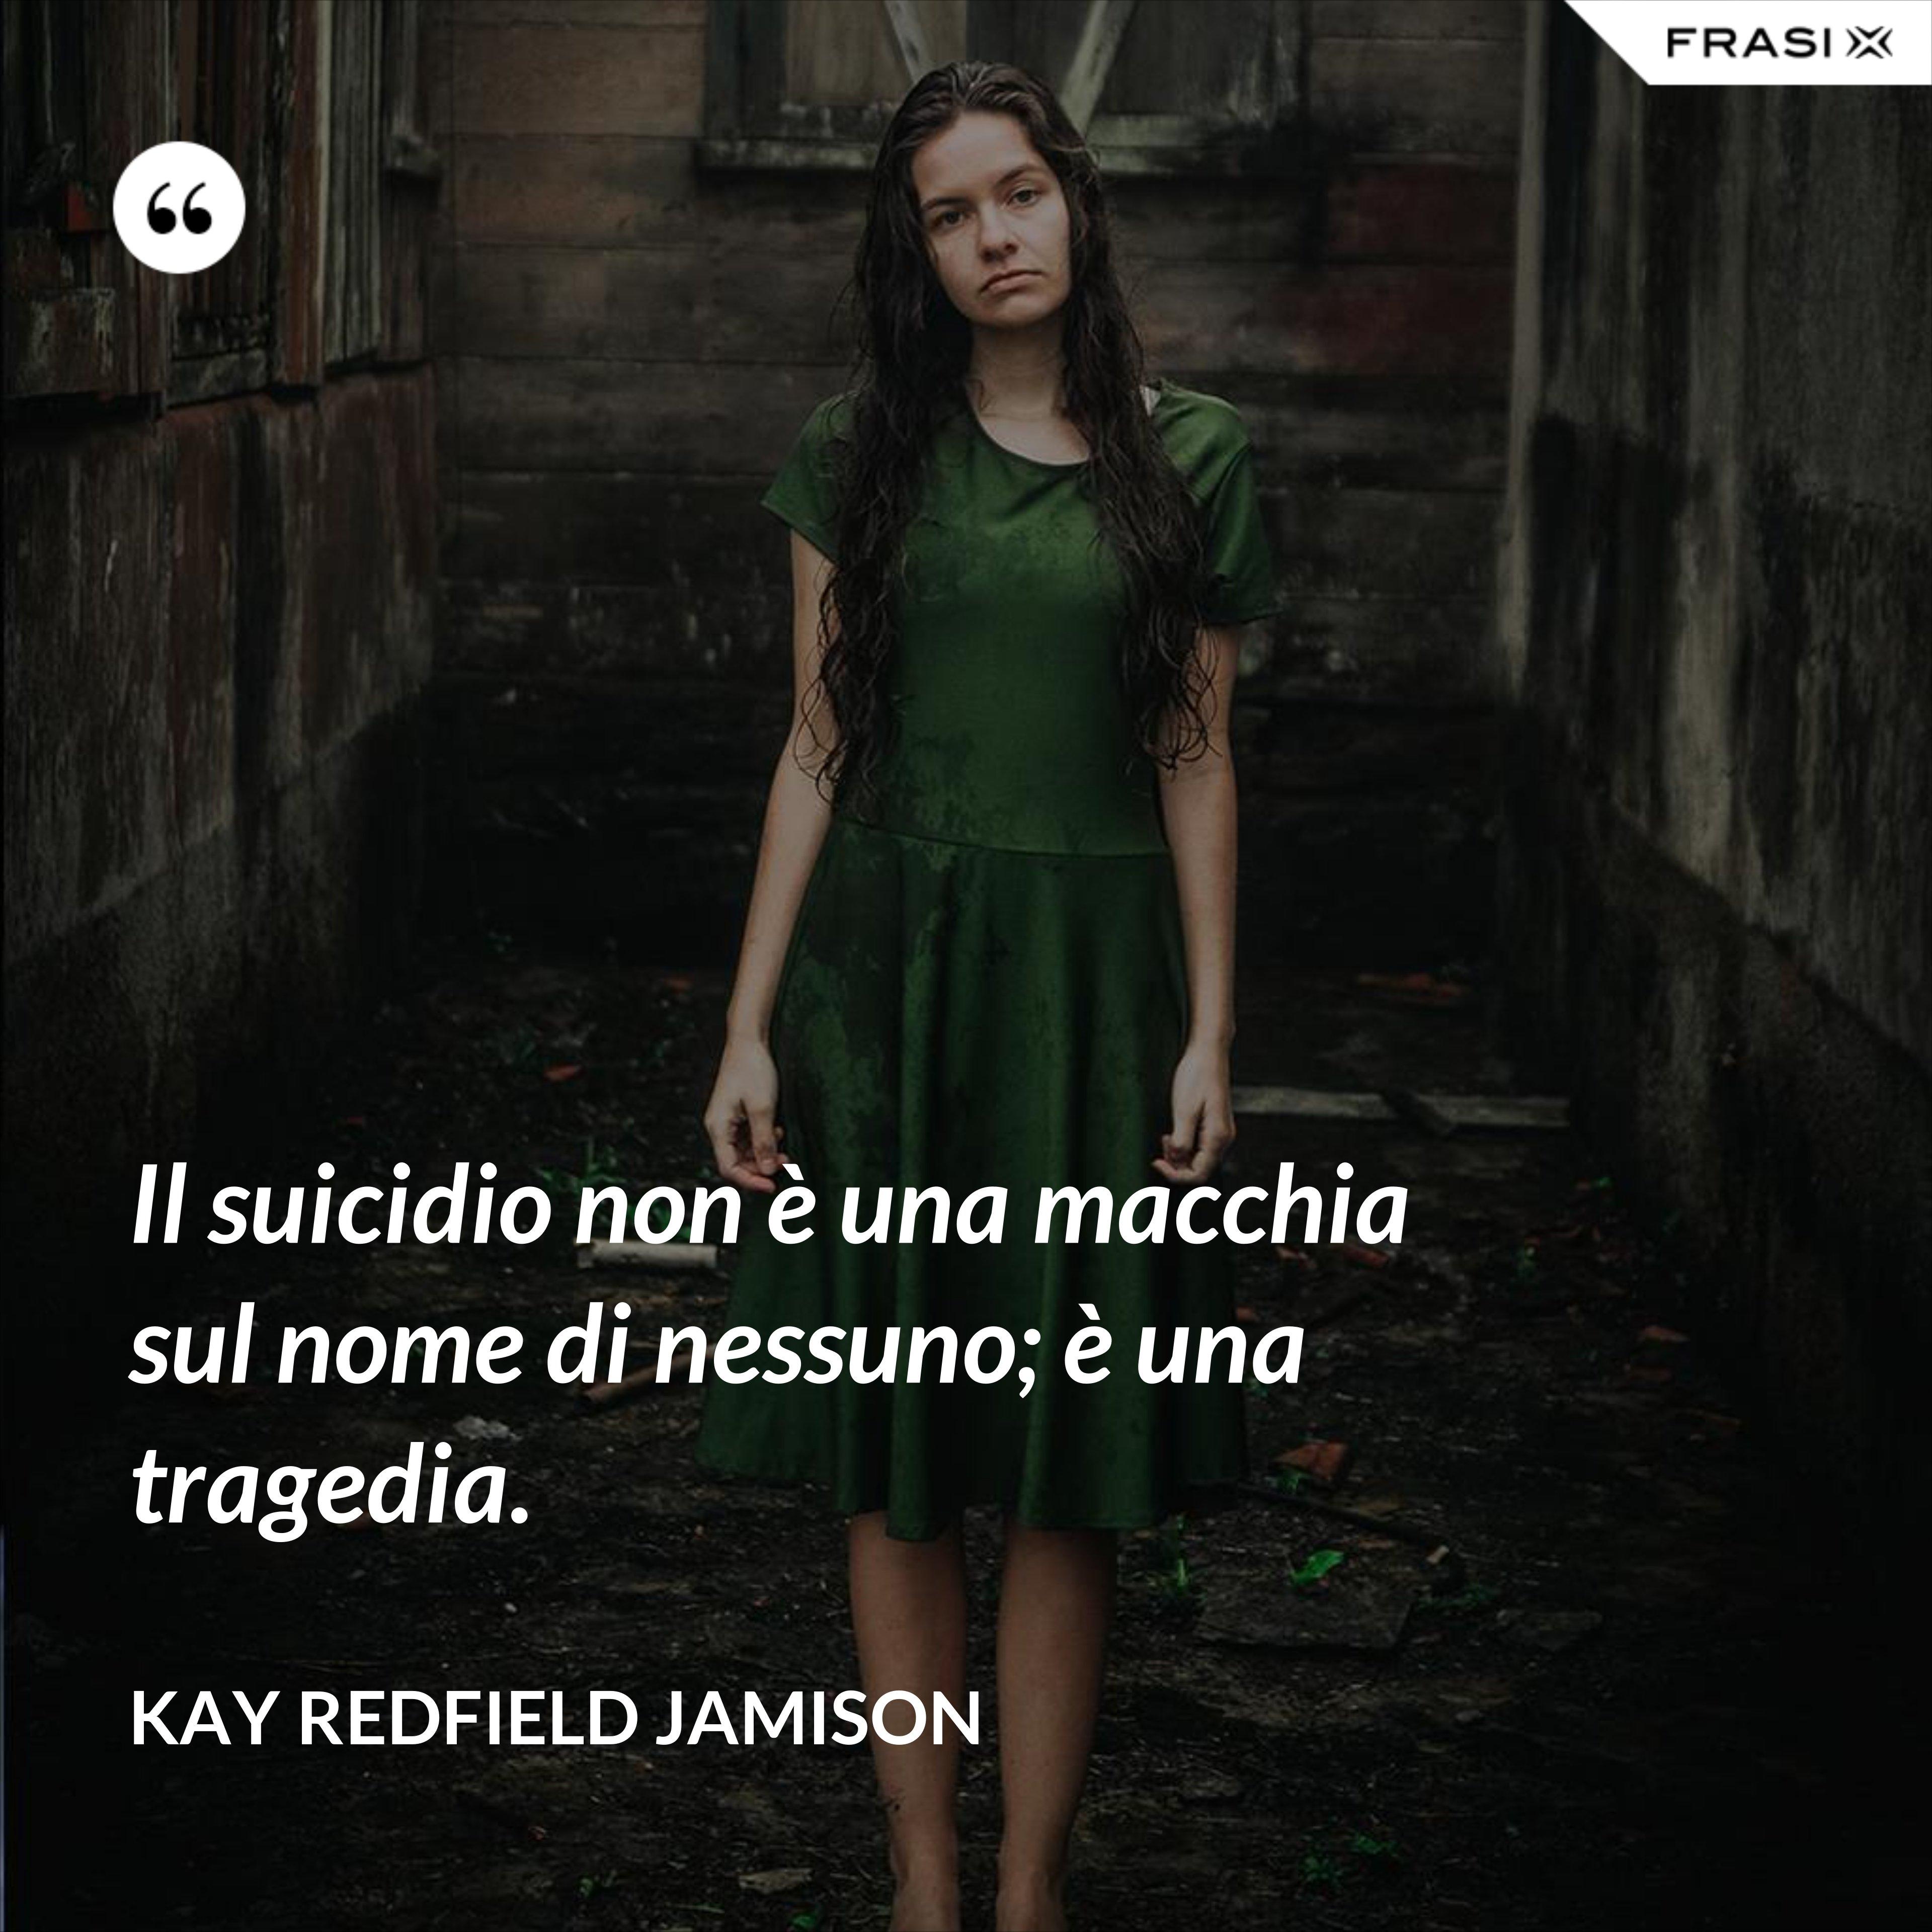 Il suicidio non è una macchia sul nome di nessuno; è una tragedia. - Kay Redfield Jamison